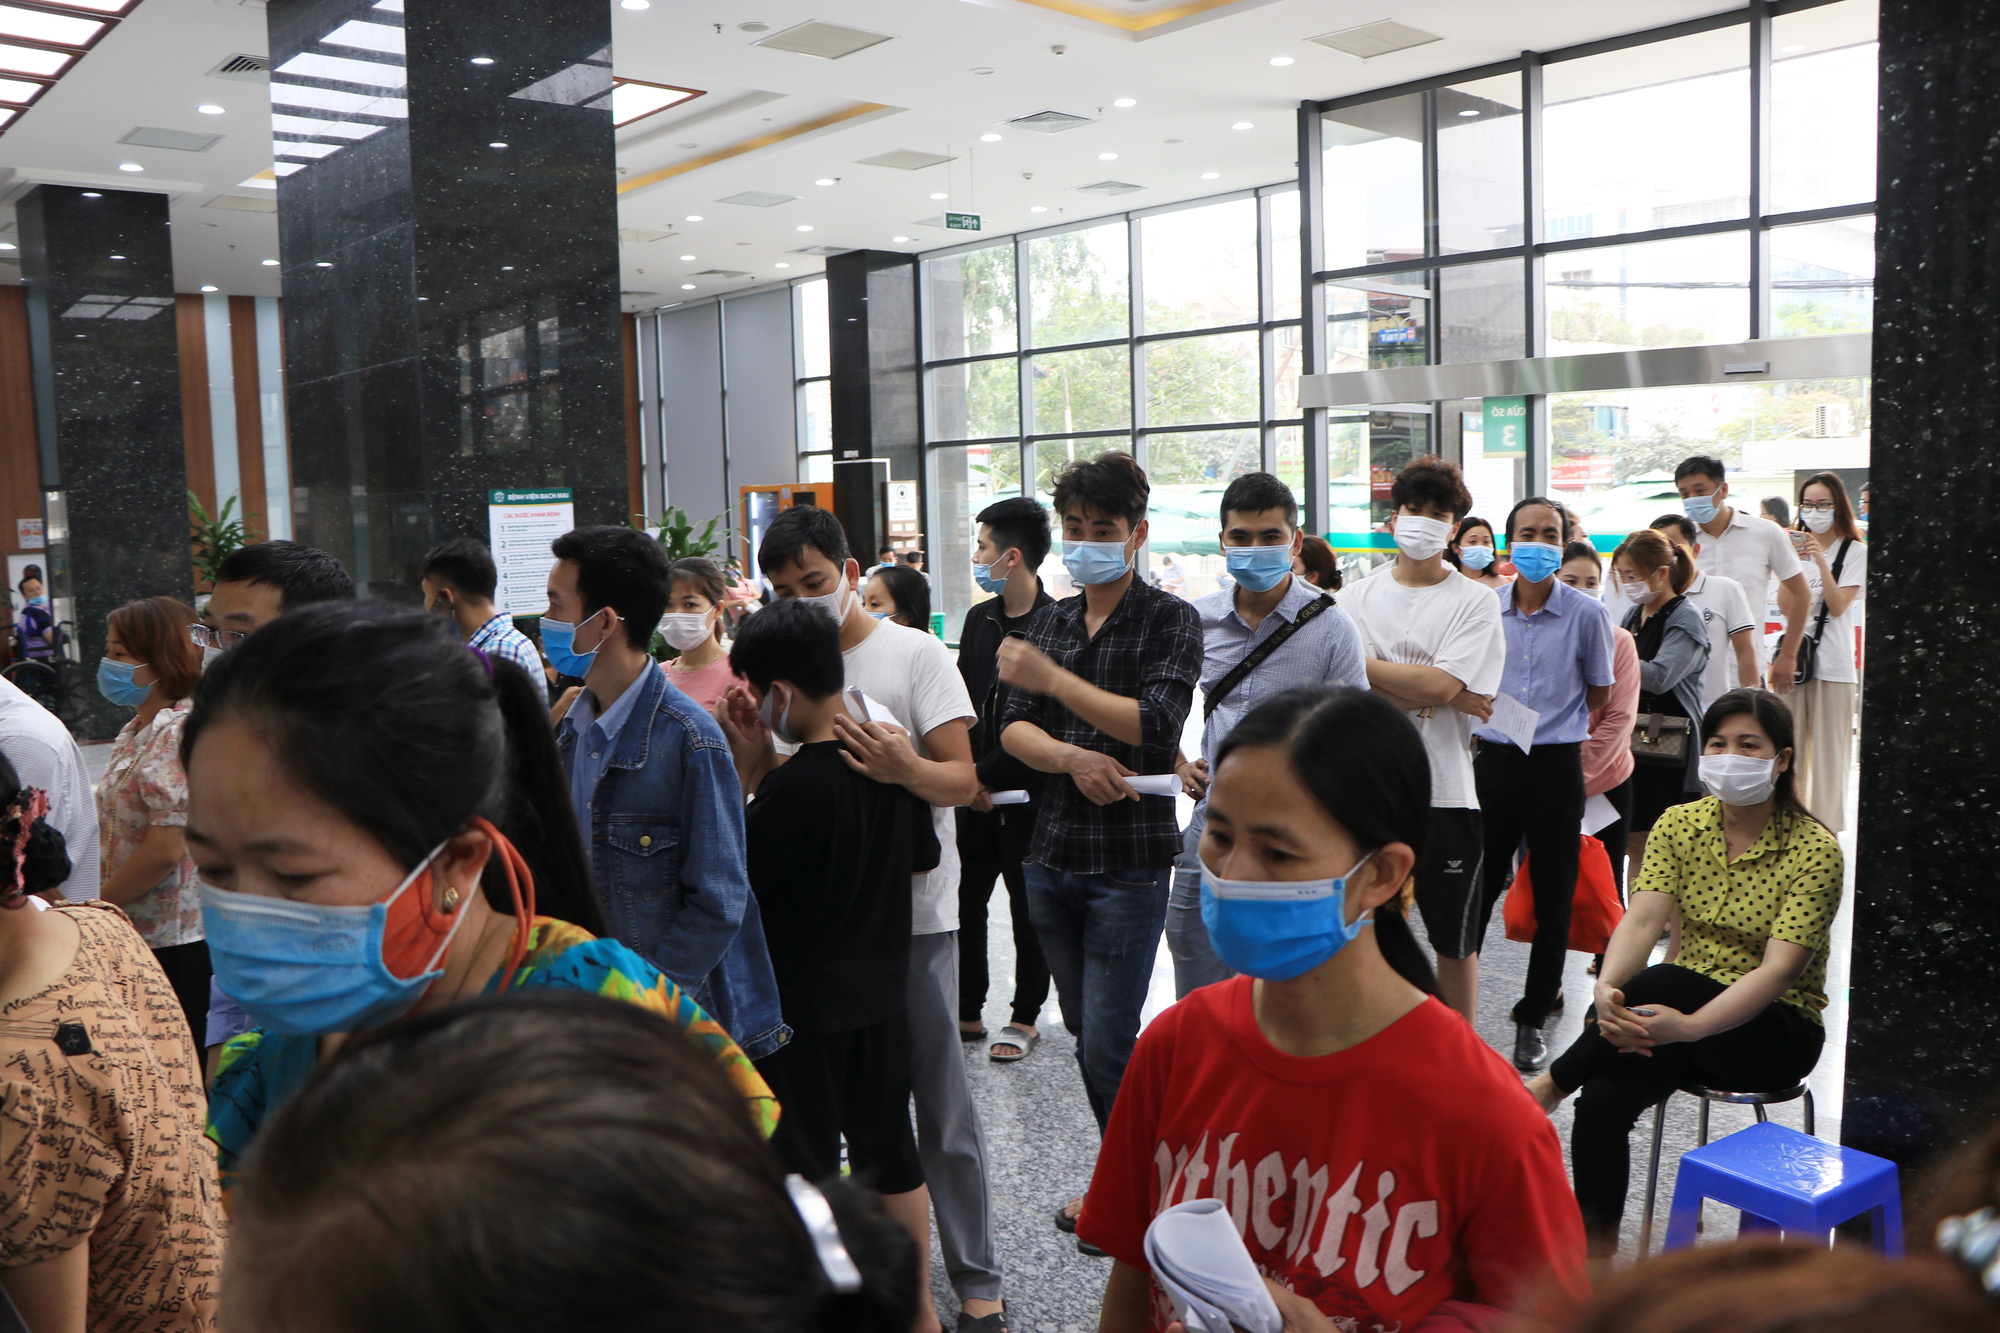 """Phó giám đốc Bệnh viện Bạch Mai: """"Sẽ dần triệt tiêu thu nhập không đúng, những nhóm lợi ích"""" - Ảnh 5."""